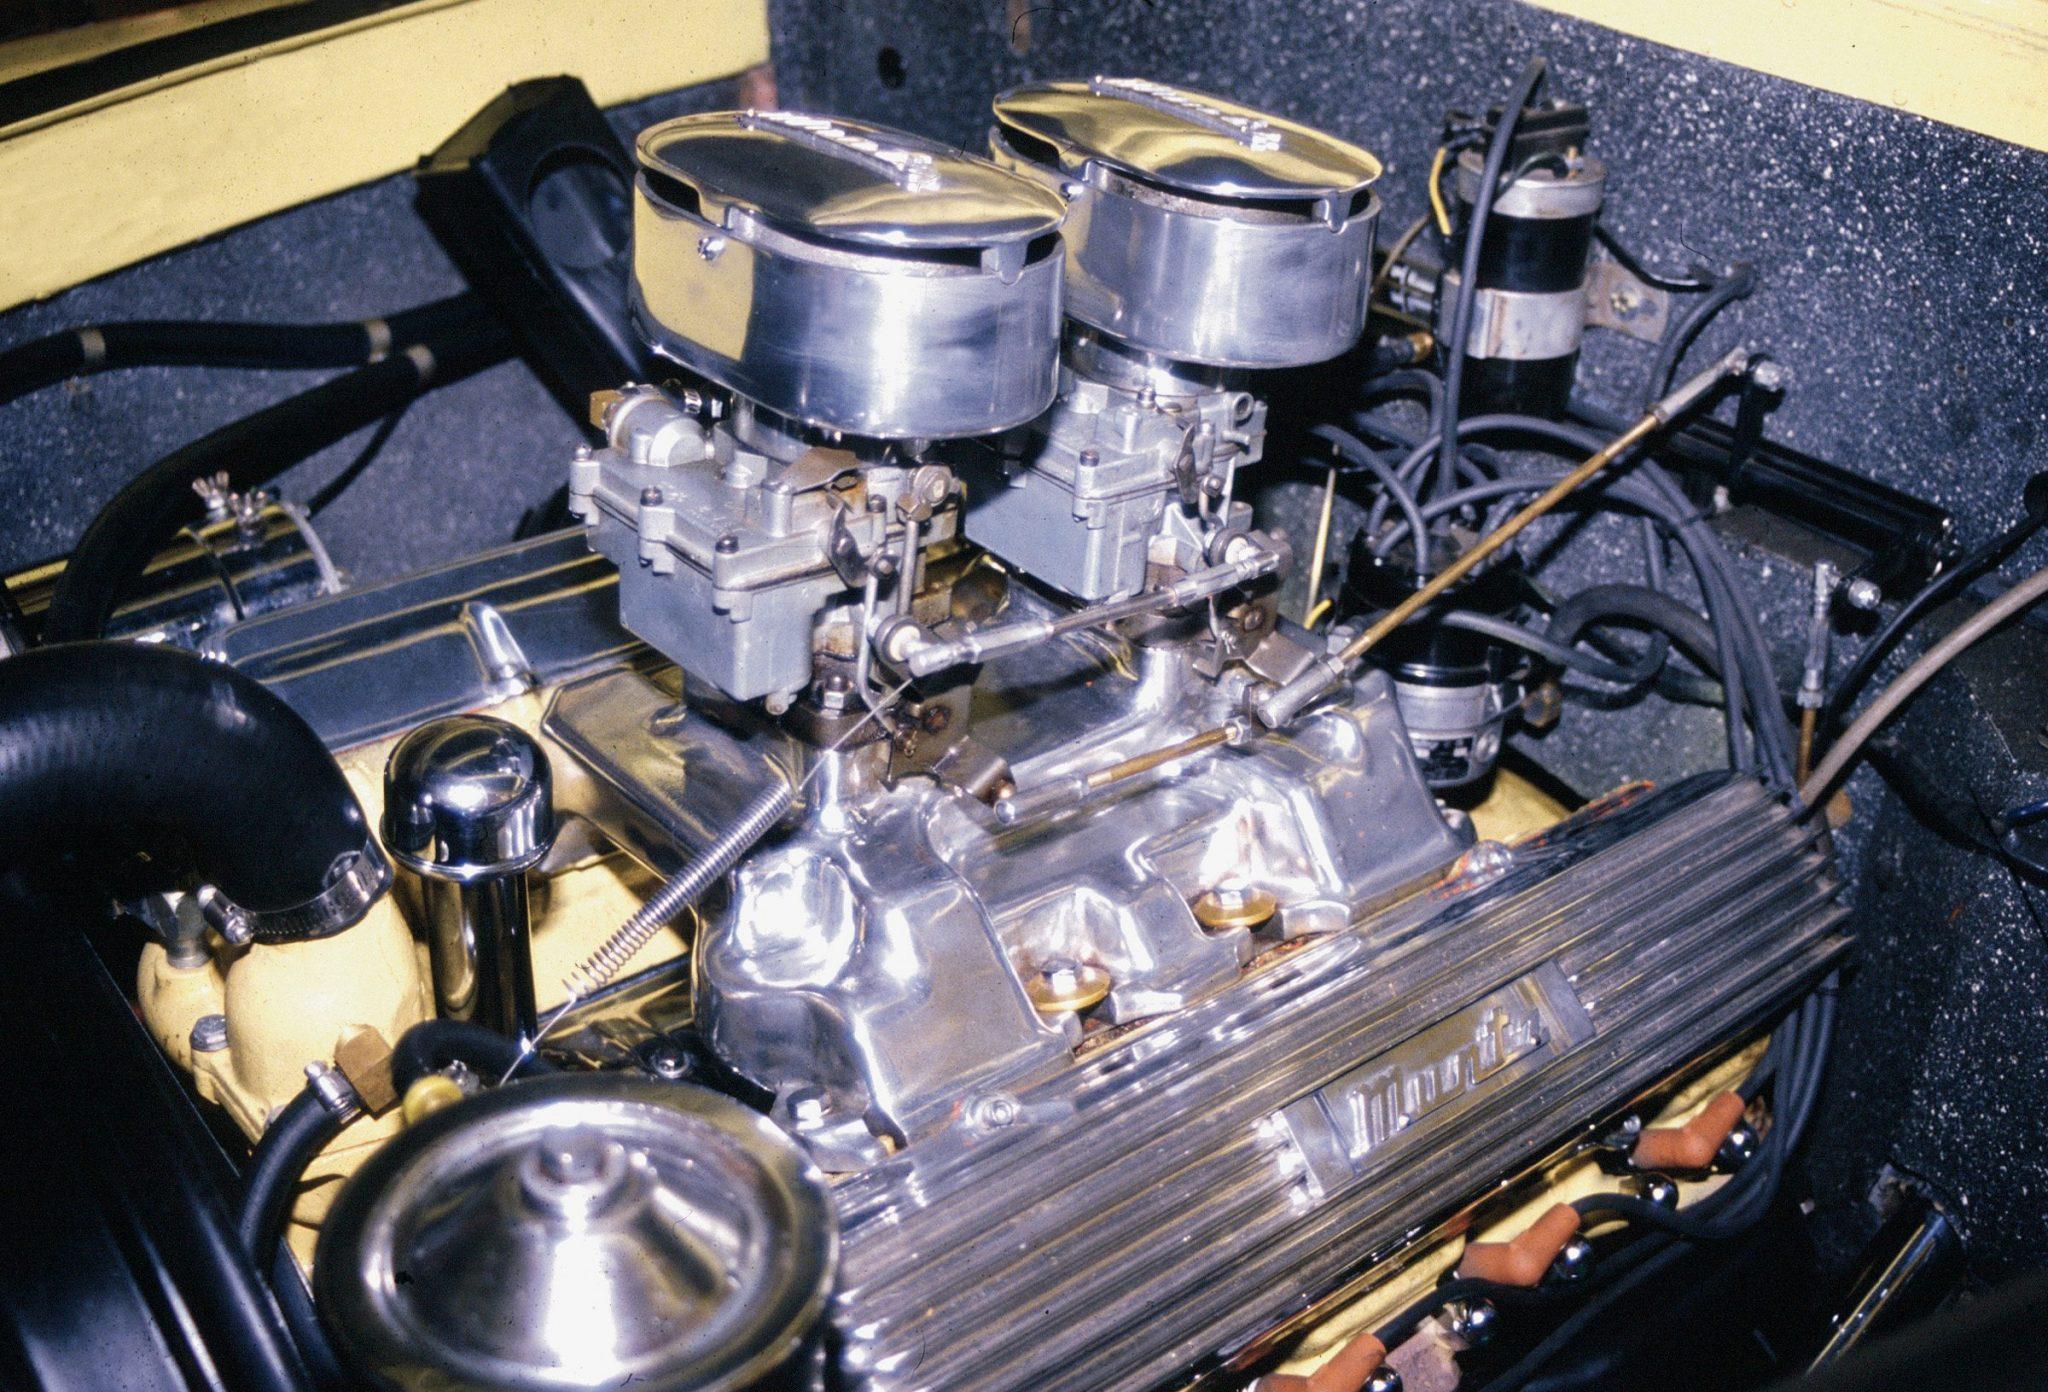 muntz jet v8 engine